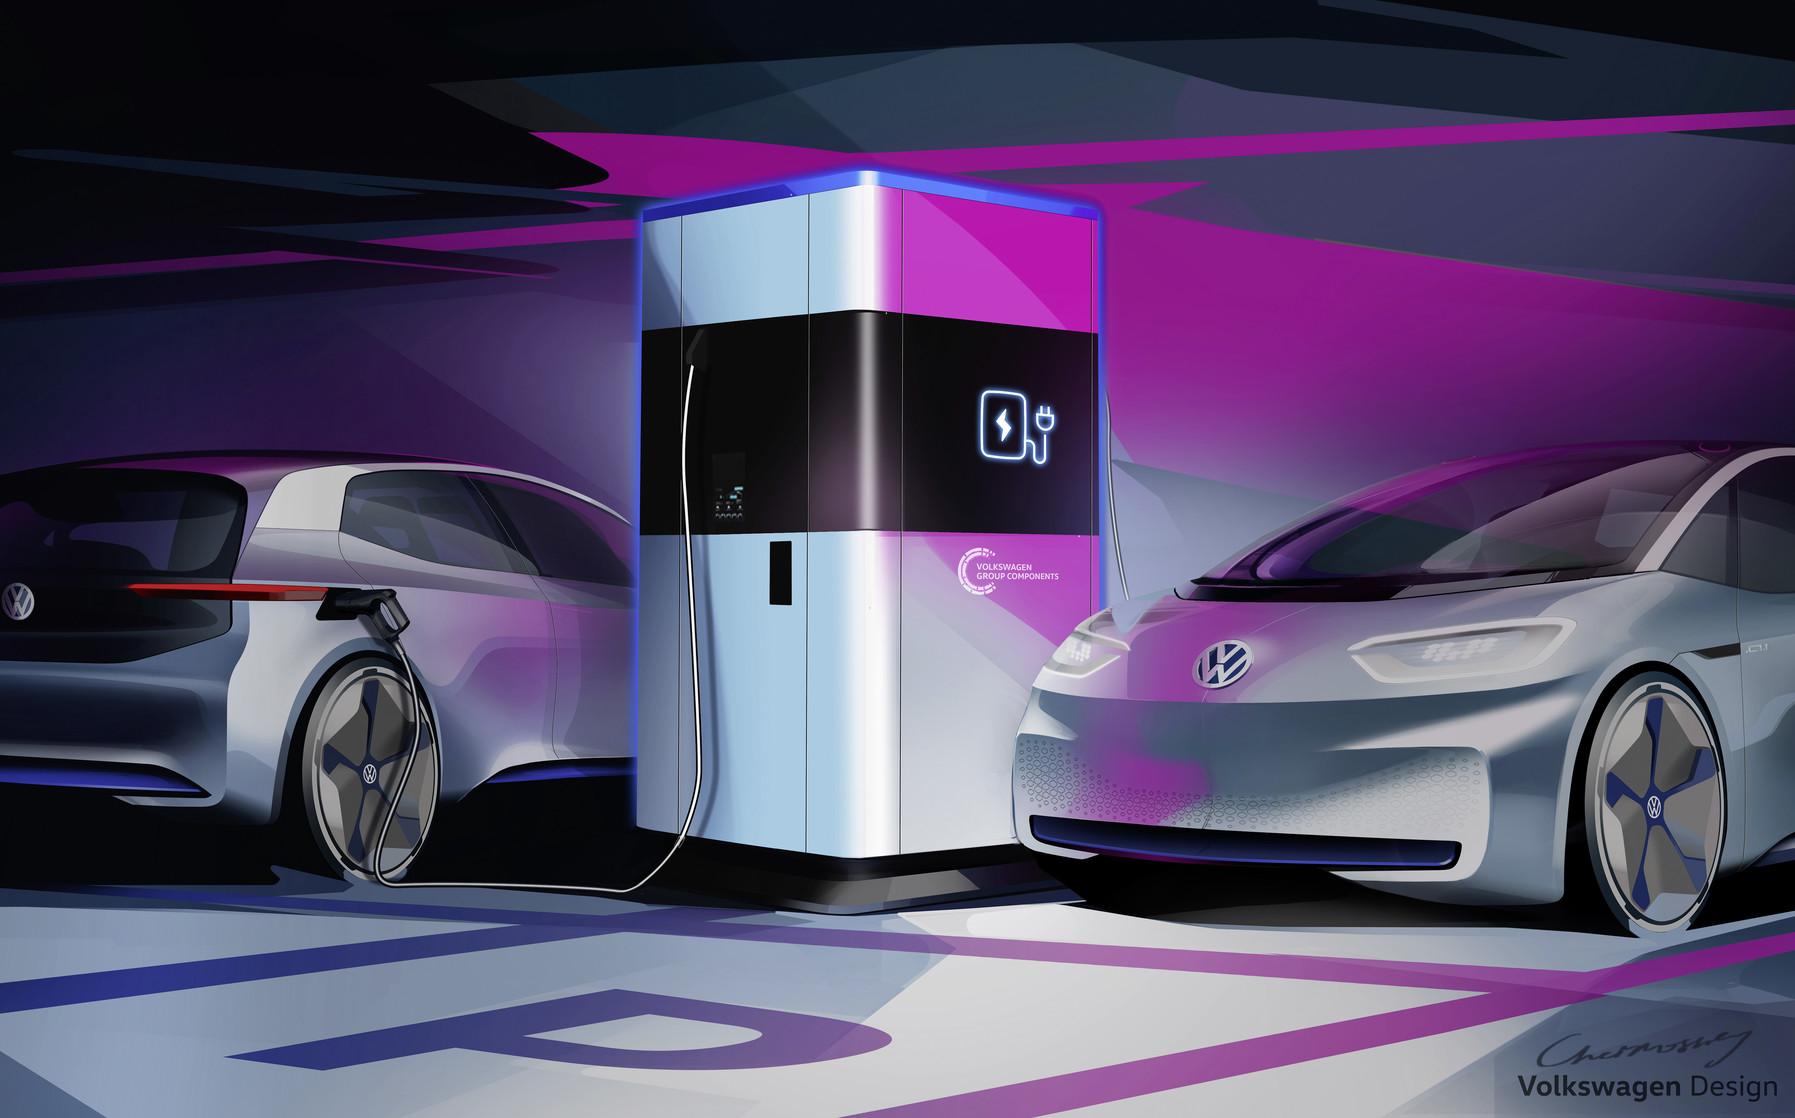 Volkswagen Stellt Erste Mobile Schnellladesäule Für Elektroautos Vor